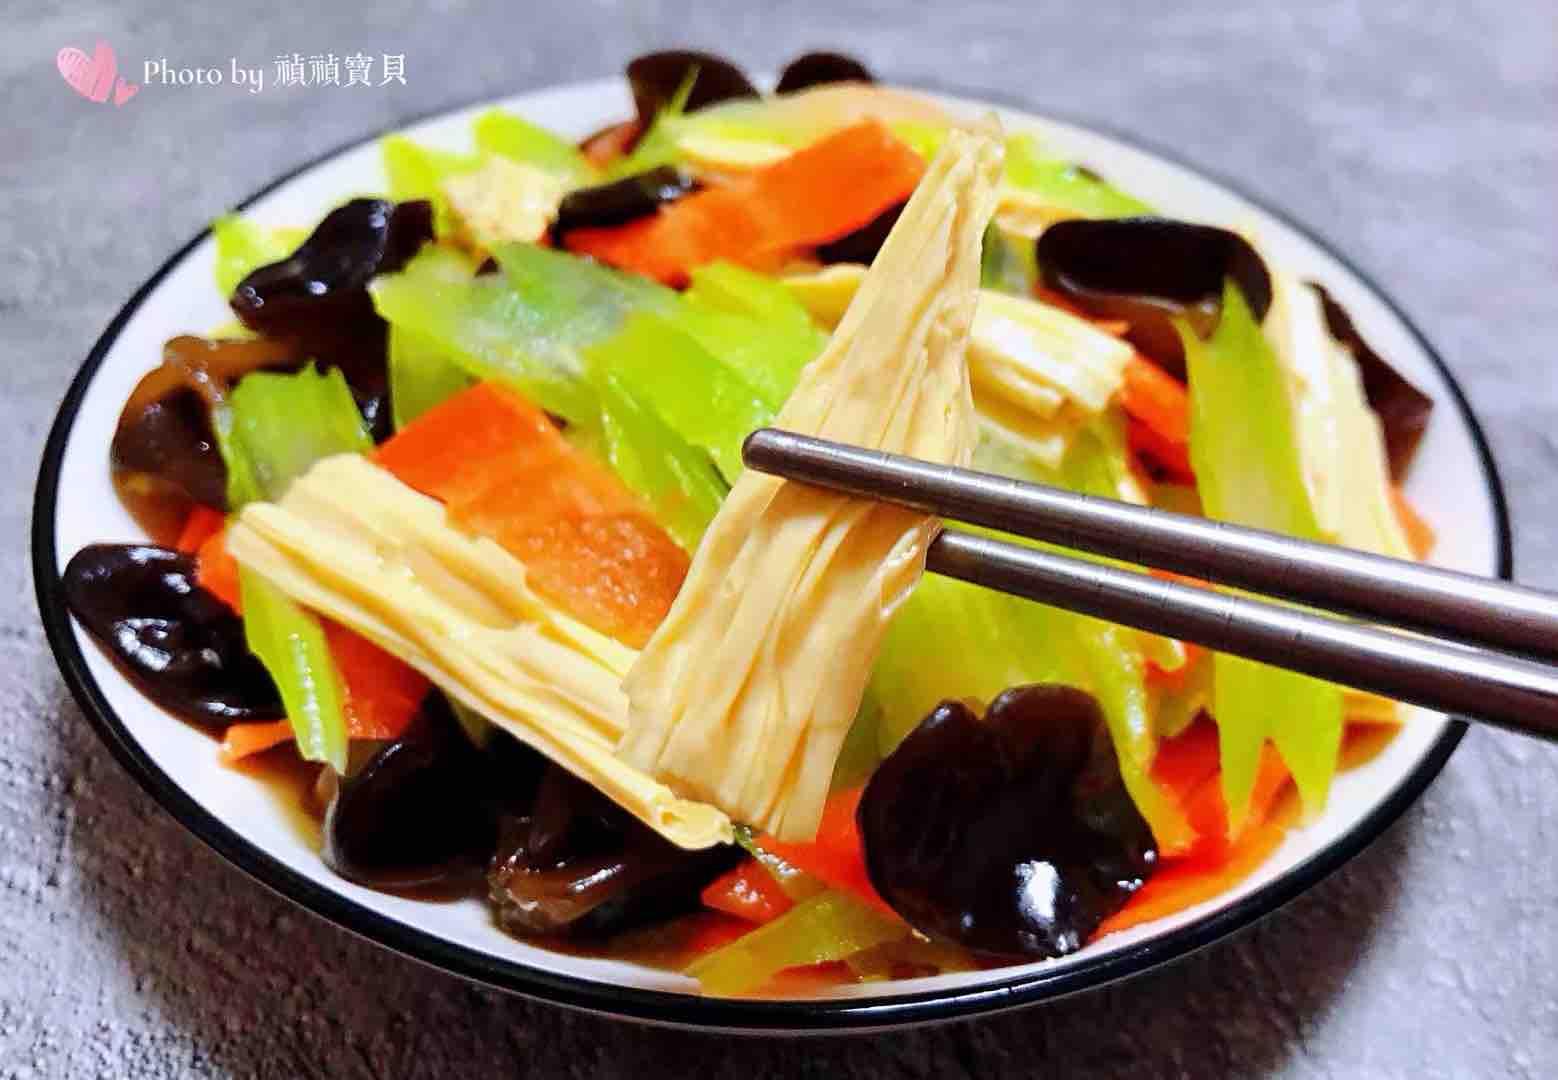 芹菜胡萝卜木耳拌腐竹怎样煸